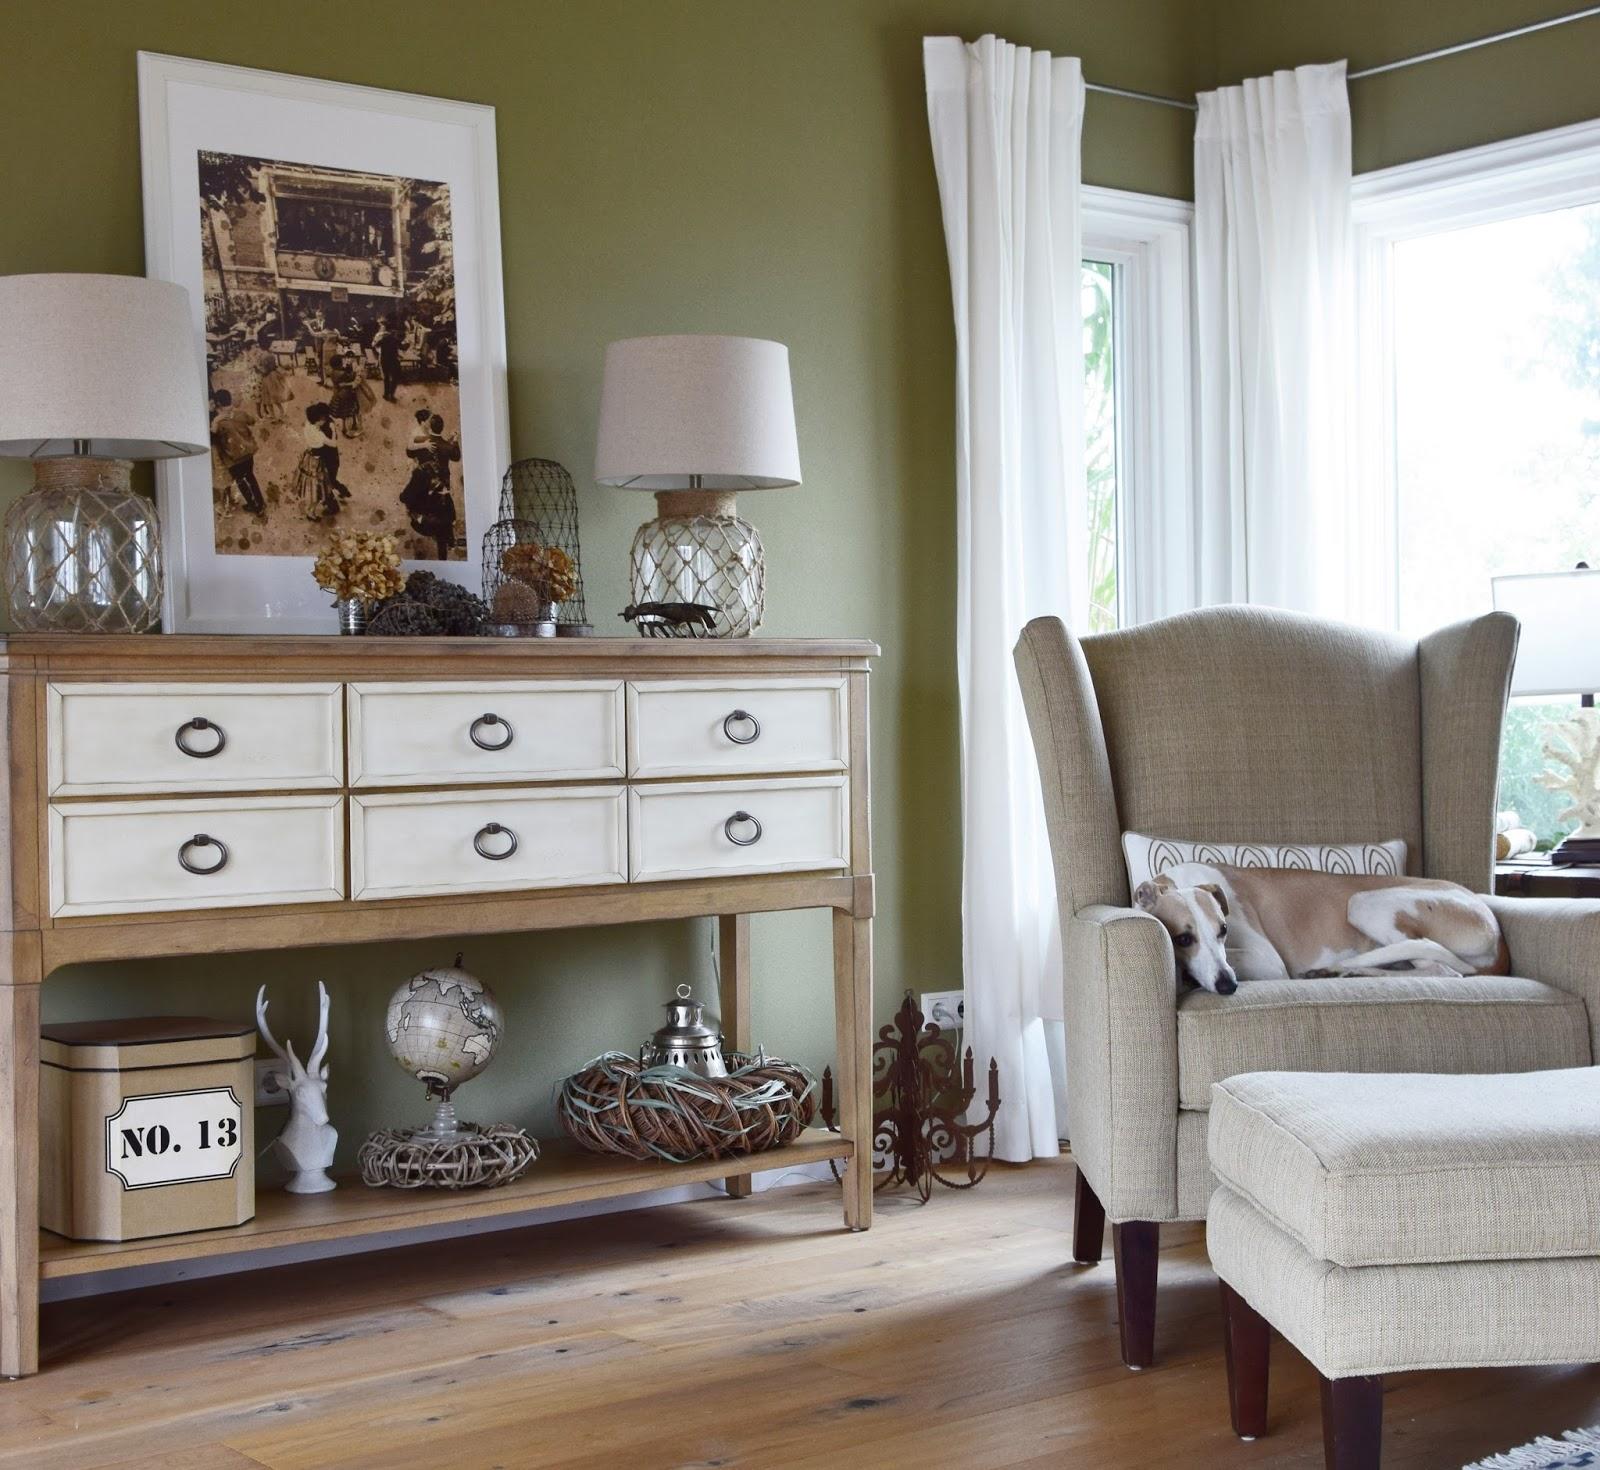 Mein Wohnzimmer Teil 2 ... neu gestaltet: Highboard + Sideboard ...